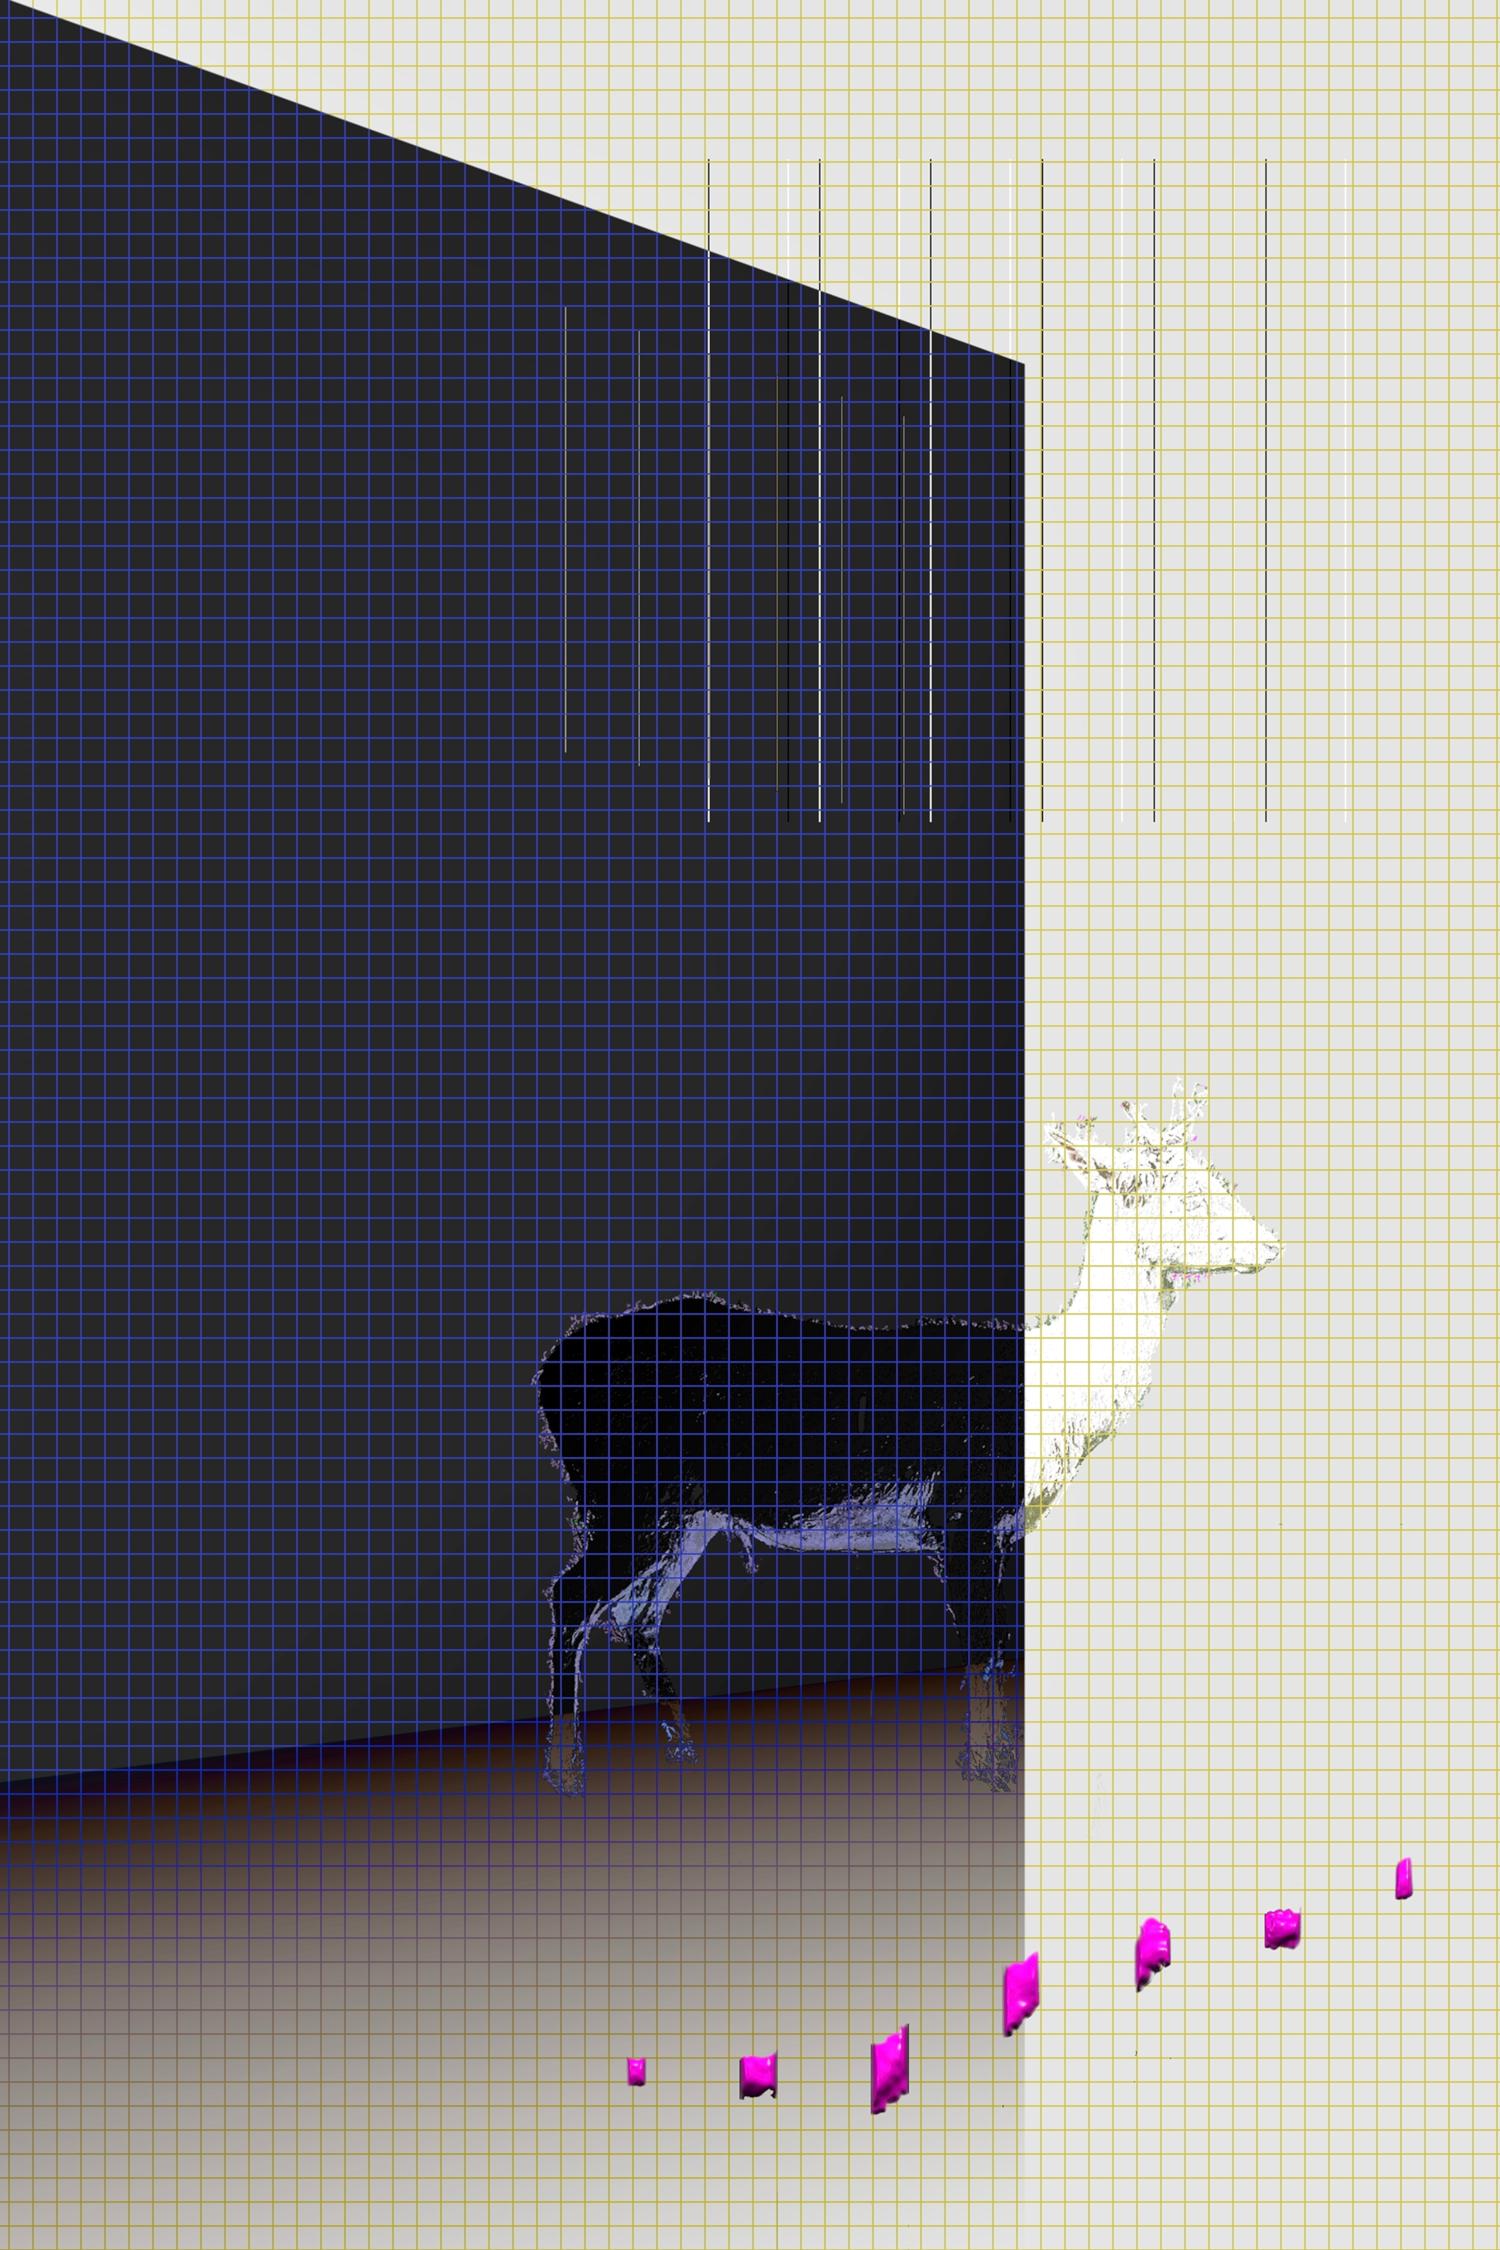 White Stag Transcending